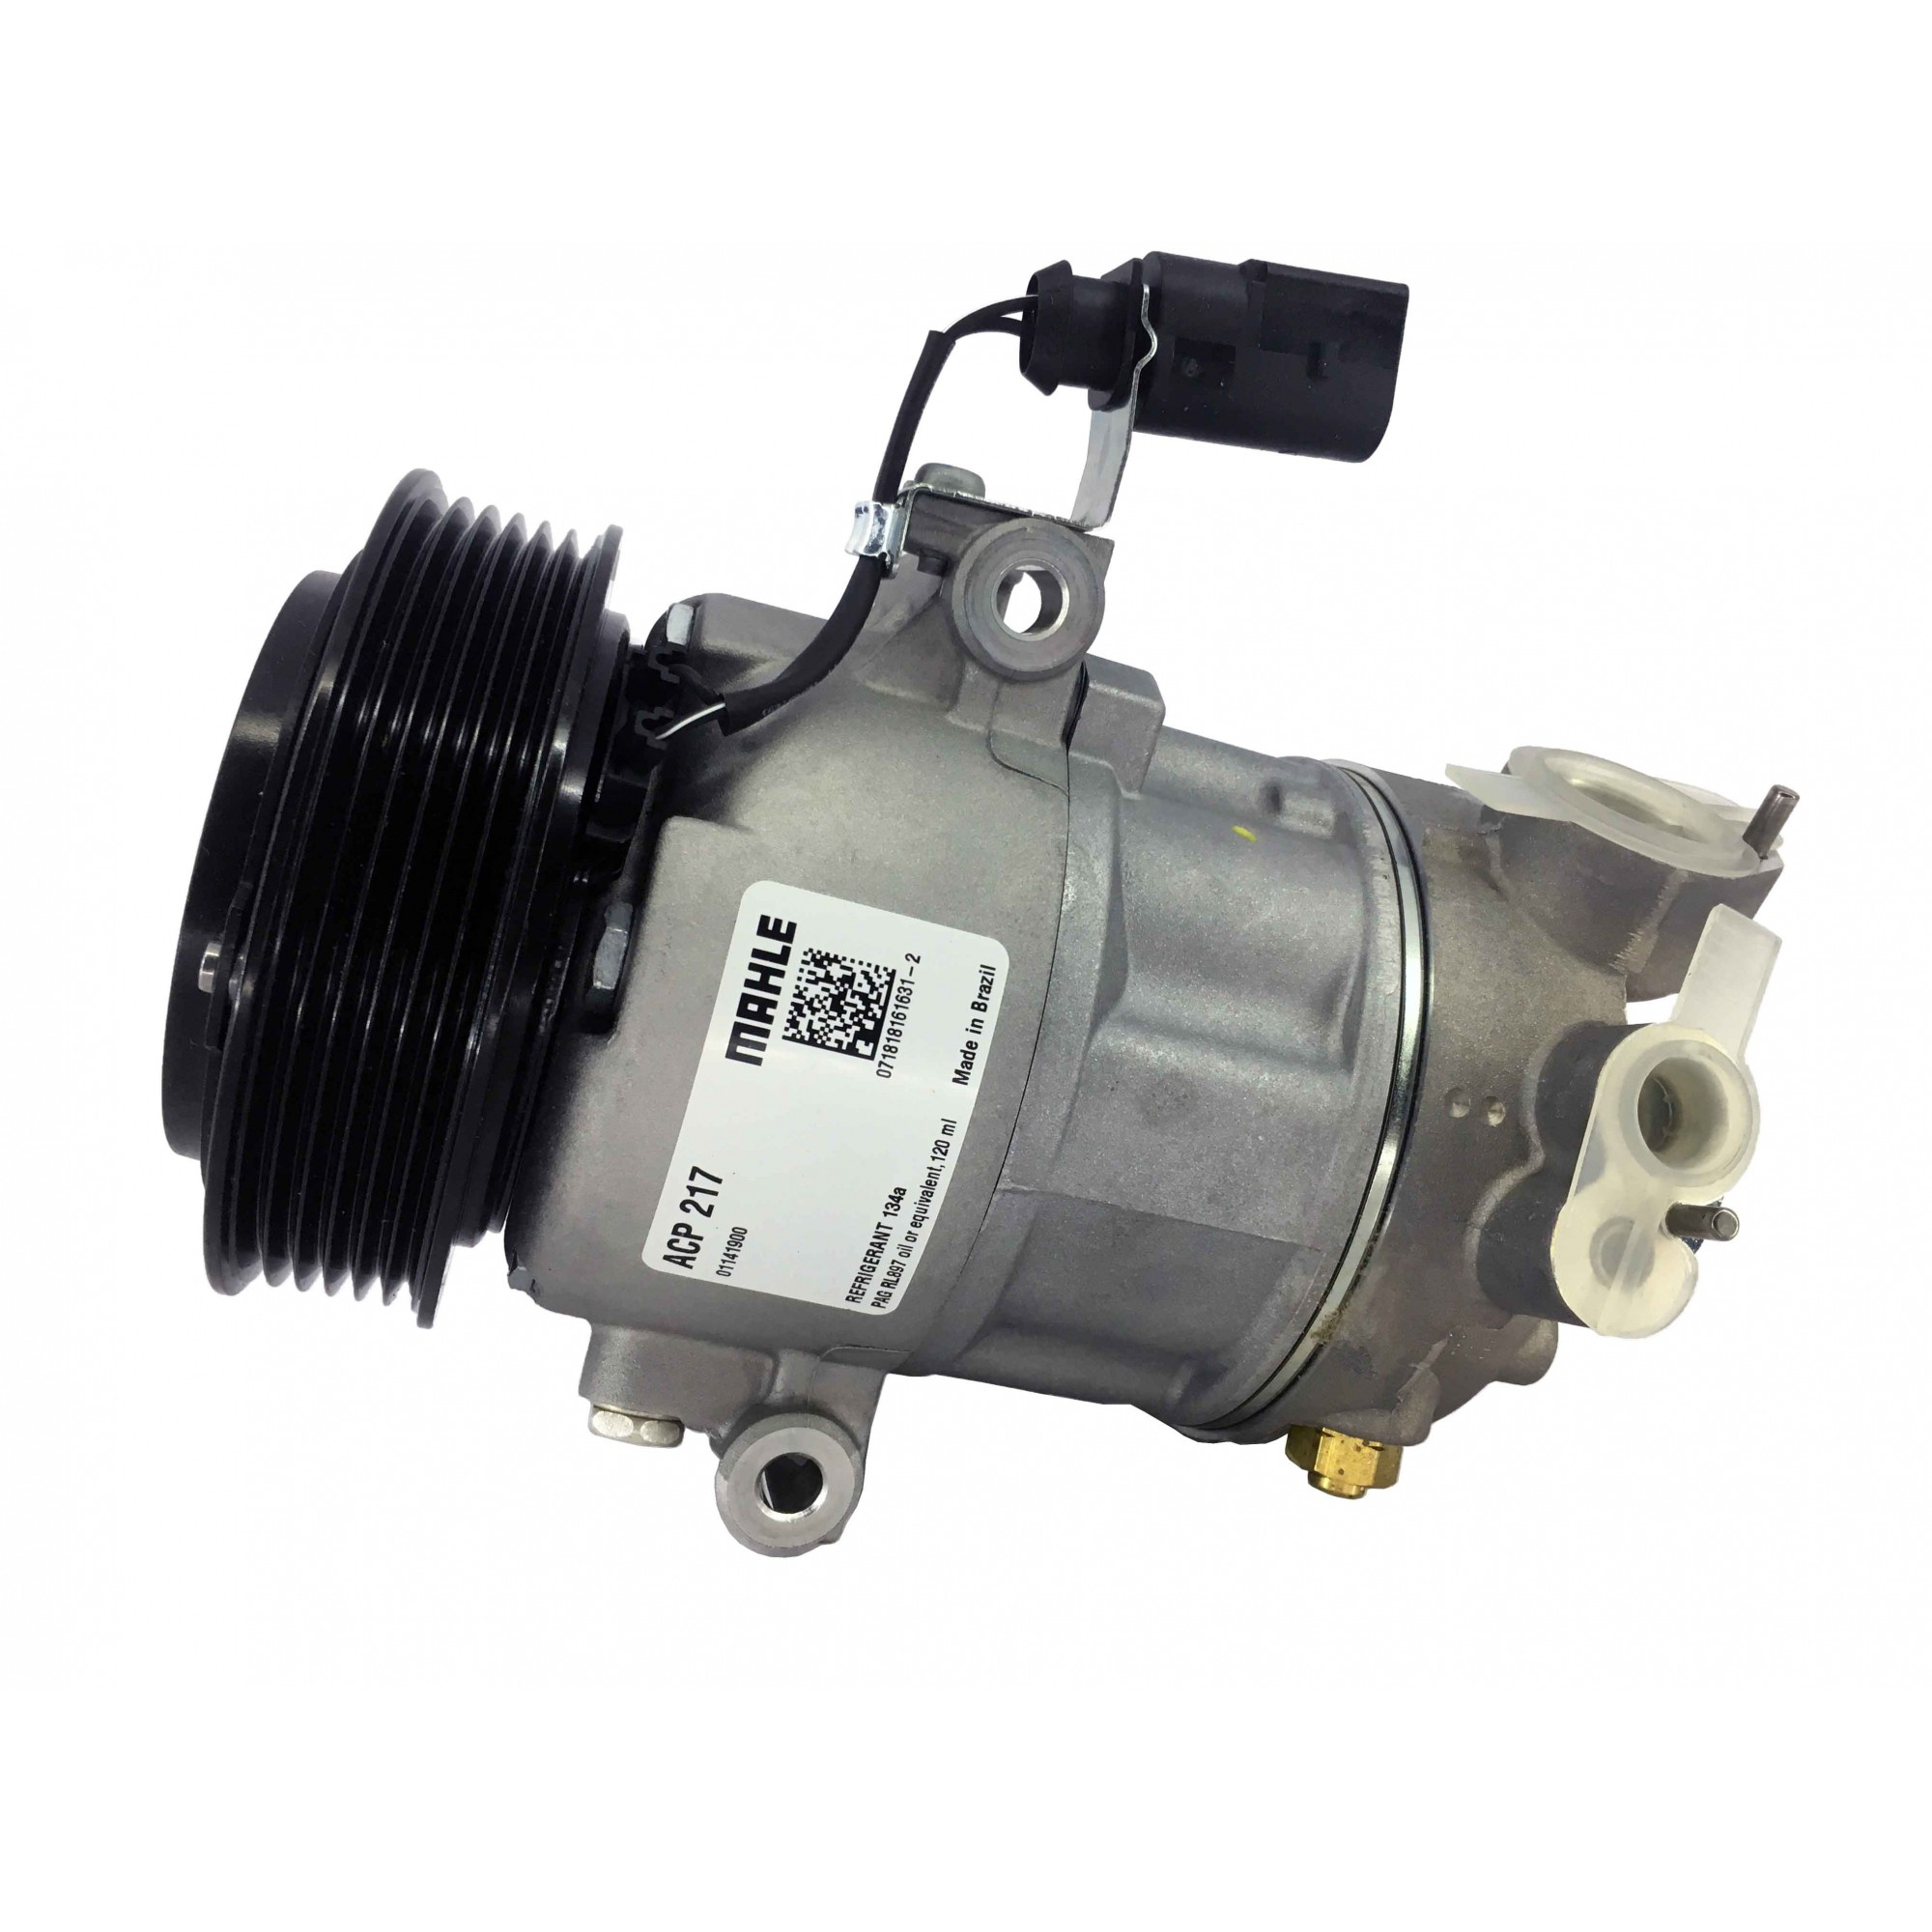 Compressor Fox / Up / Gol 1.0 3cc  - Original MAHLE